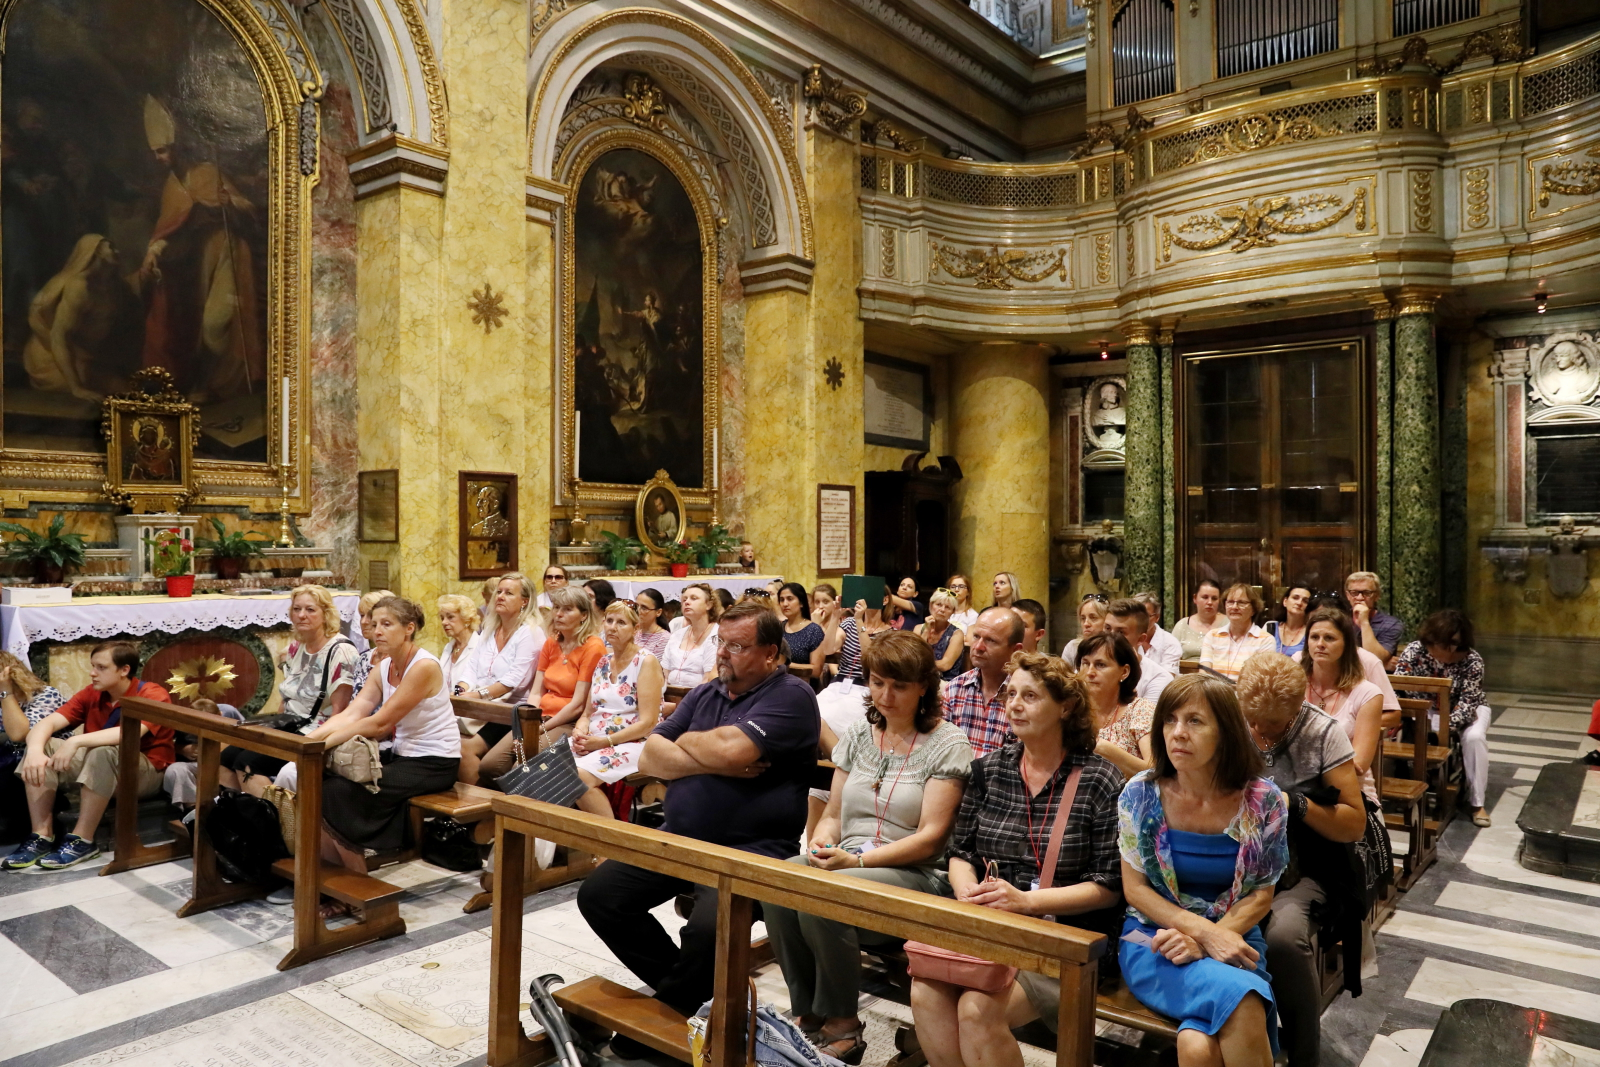 Rajd Papieski śladami Janawa Pawła II w Rzymie, fot: PAP/Grzegorz Gałązka